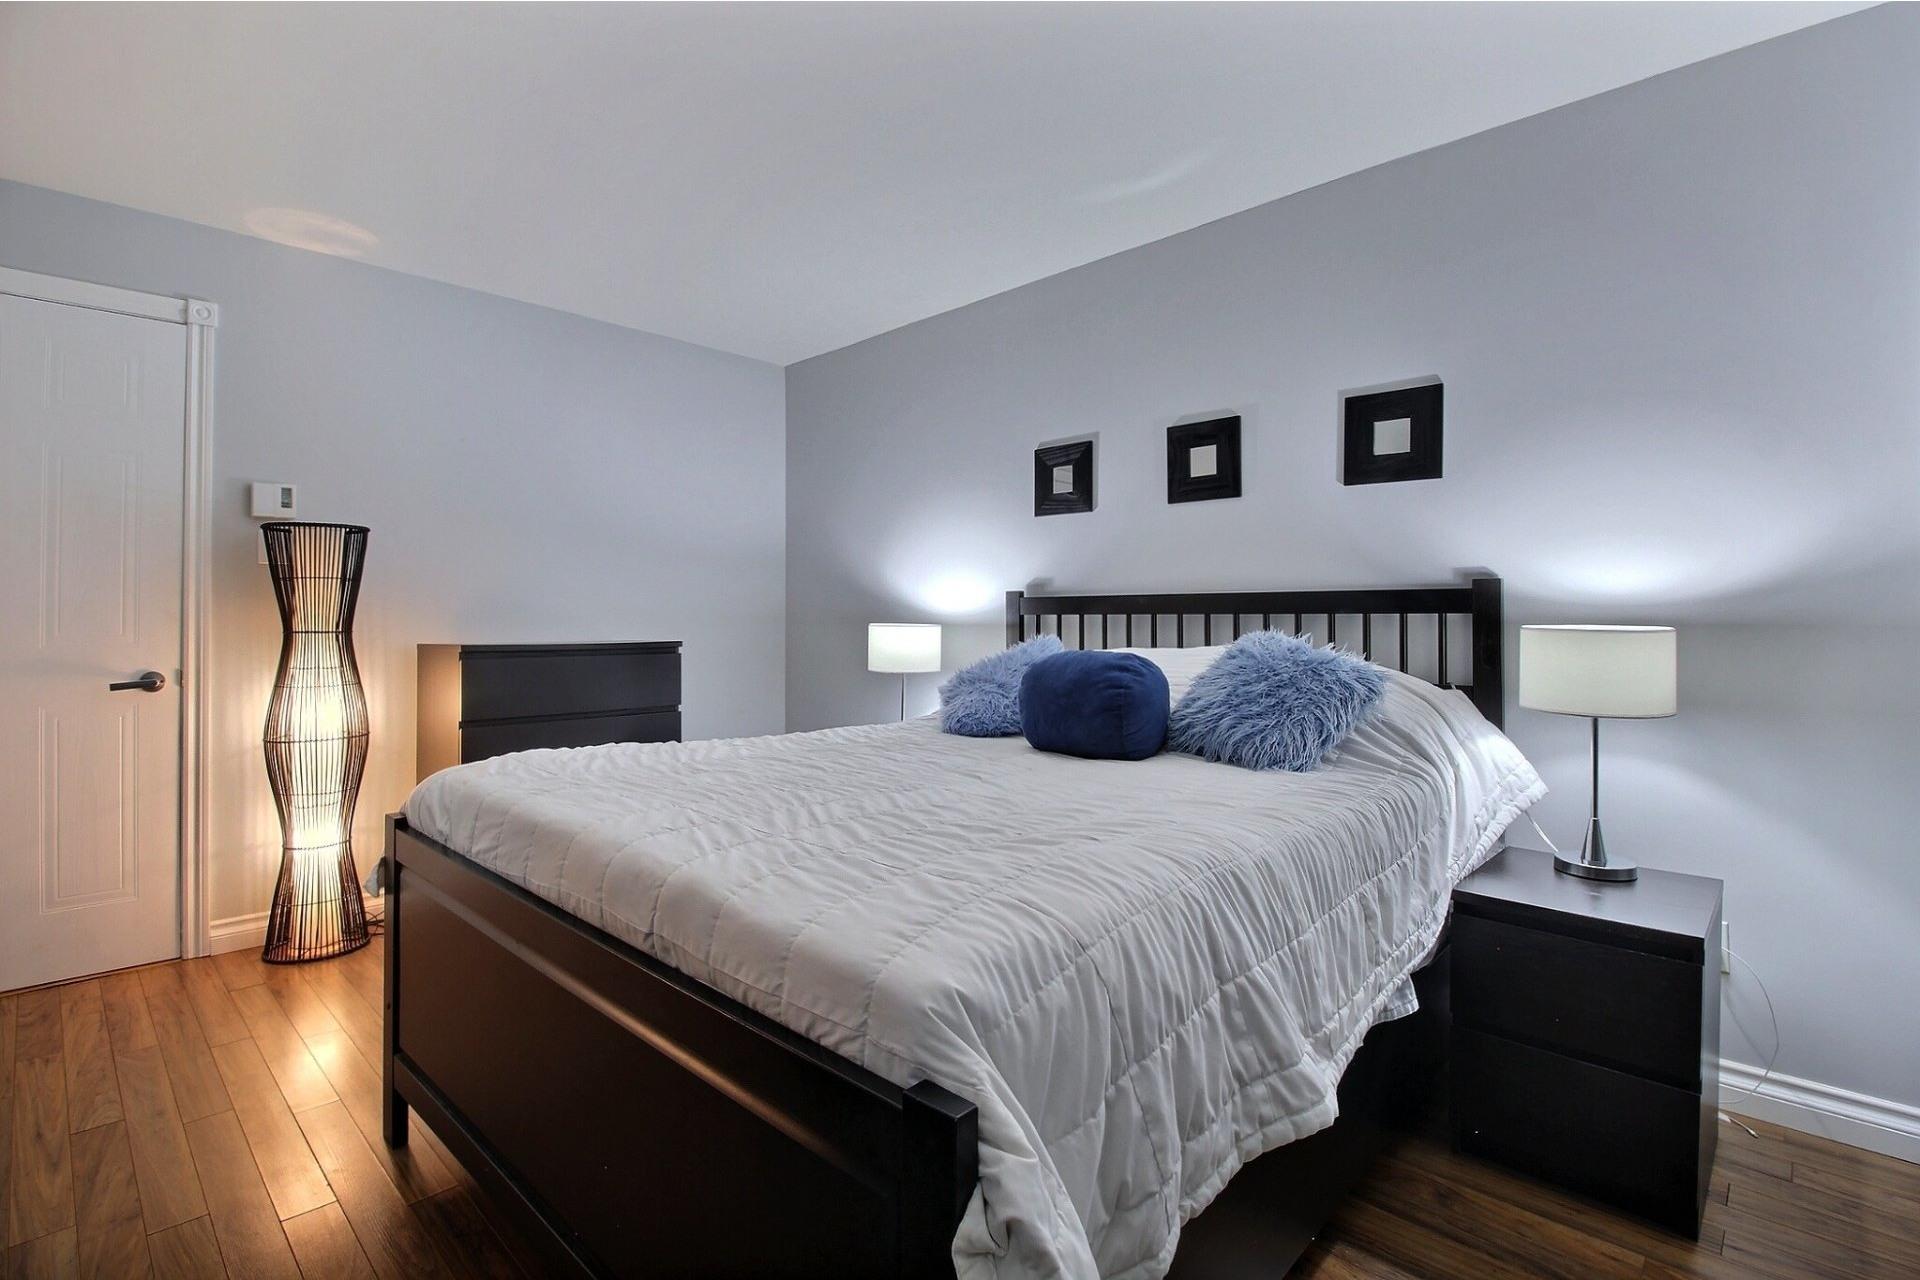 image 19 - Maison À vendre Rivière-des-Prairies/Pointe-aux-Trembles Montréal  - 8 pièces